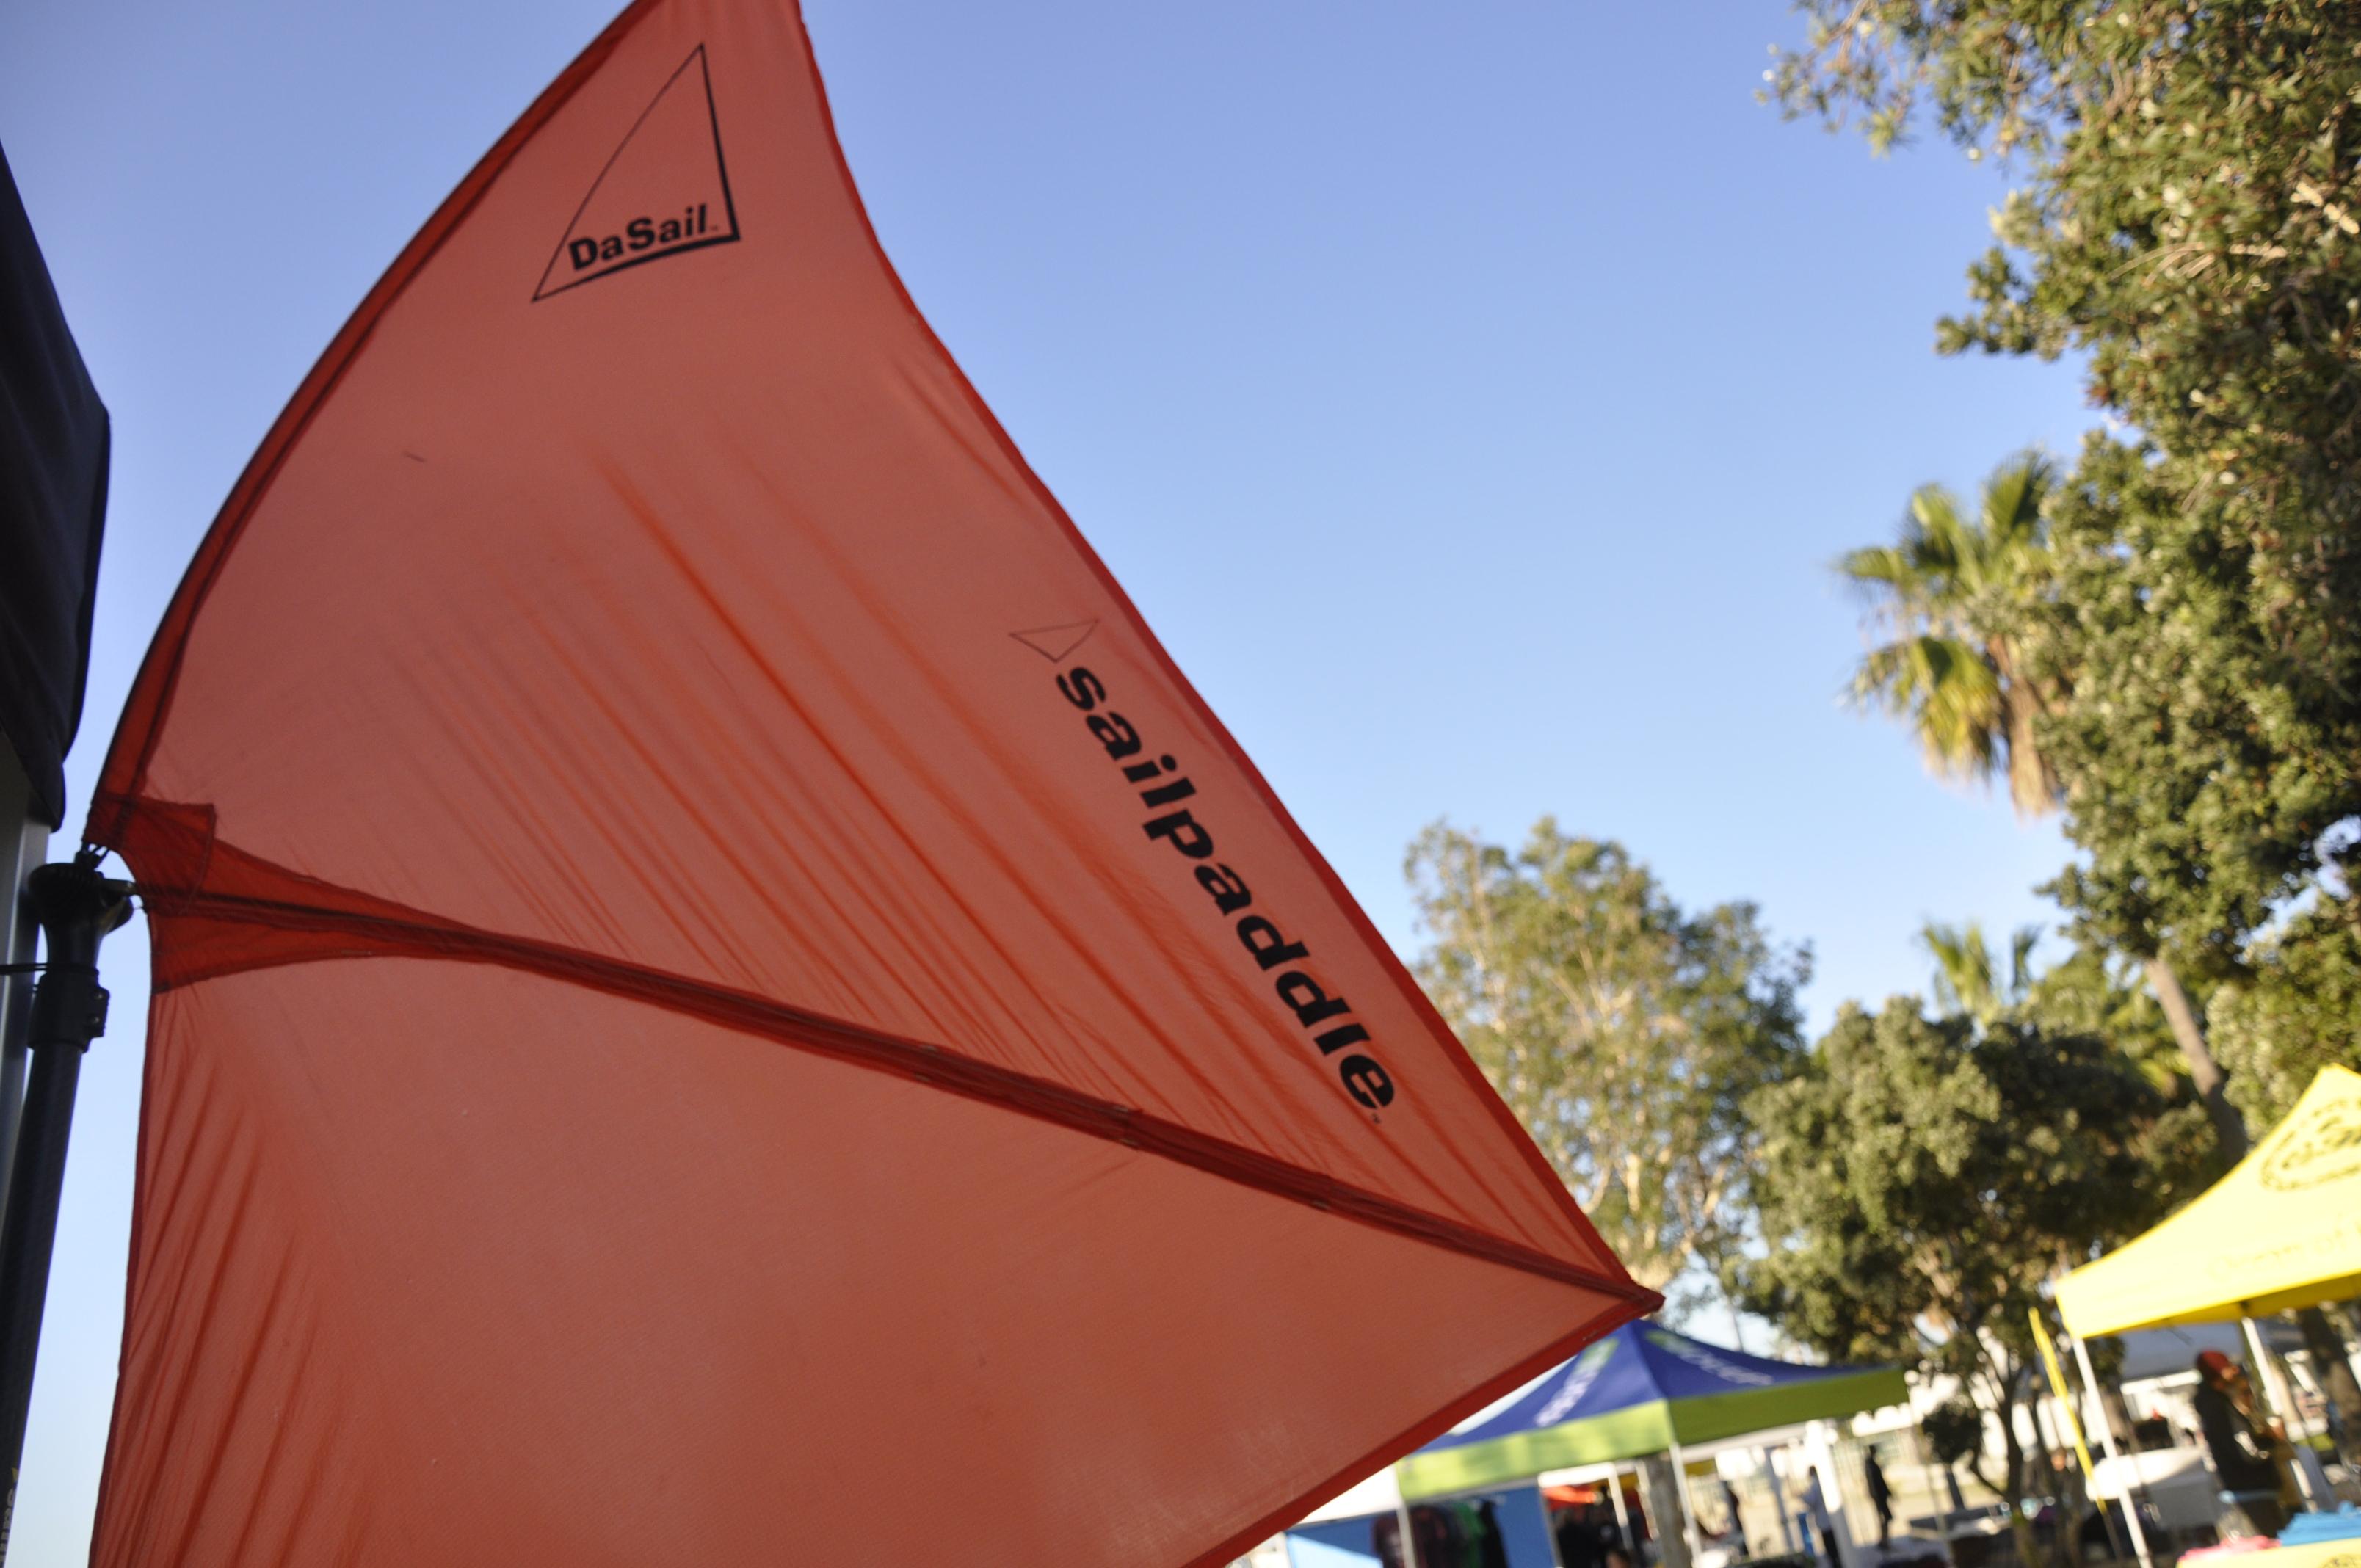 DaSail™ SUP Paddle